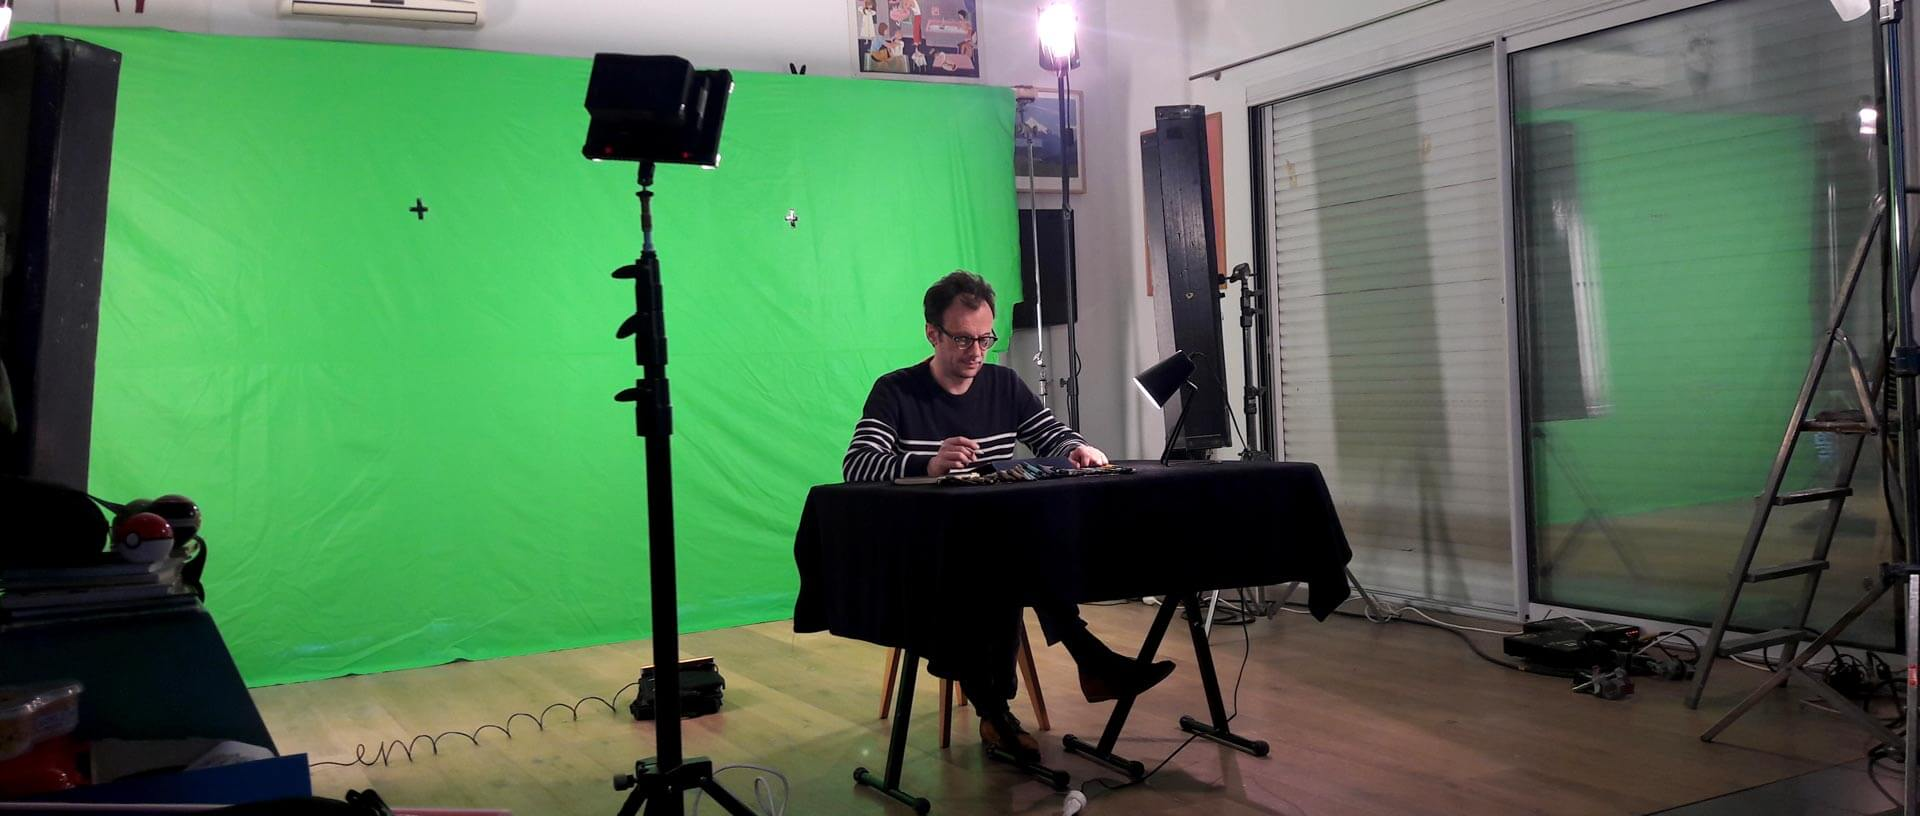 tournage sur mesure avec fond vert par kronos productions